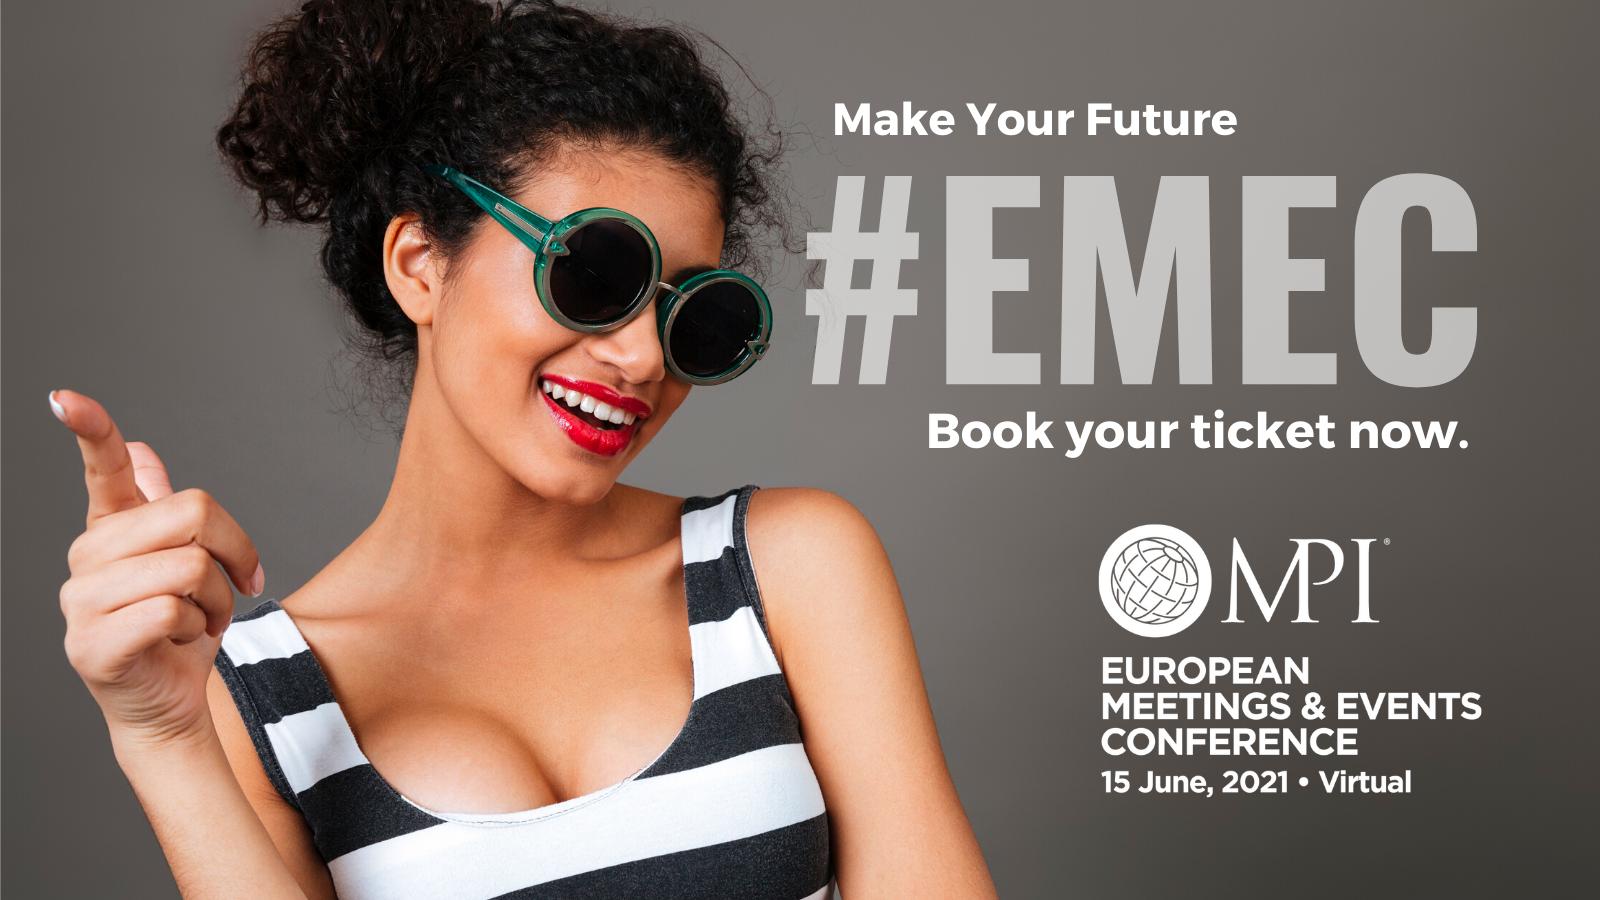 Register for #EMEC